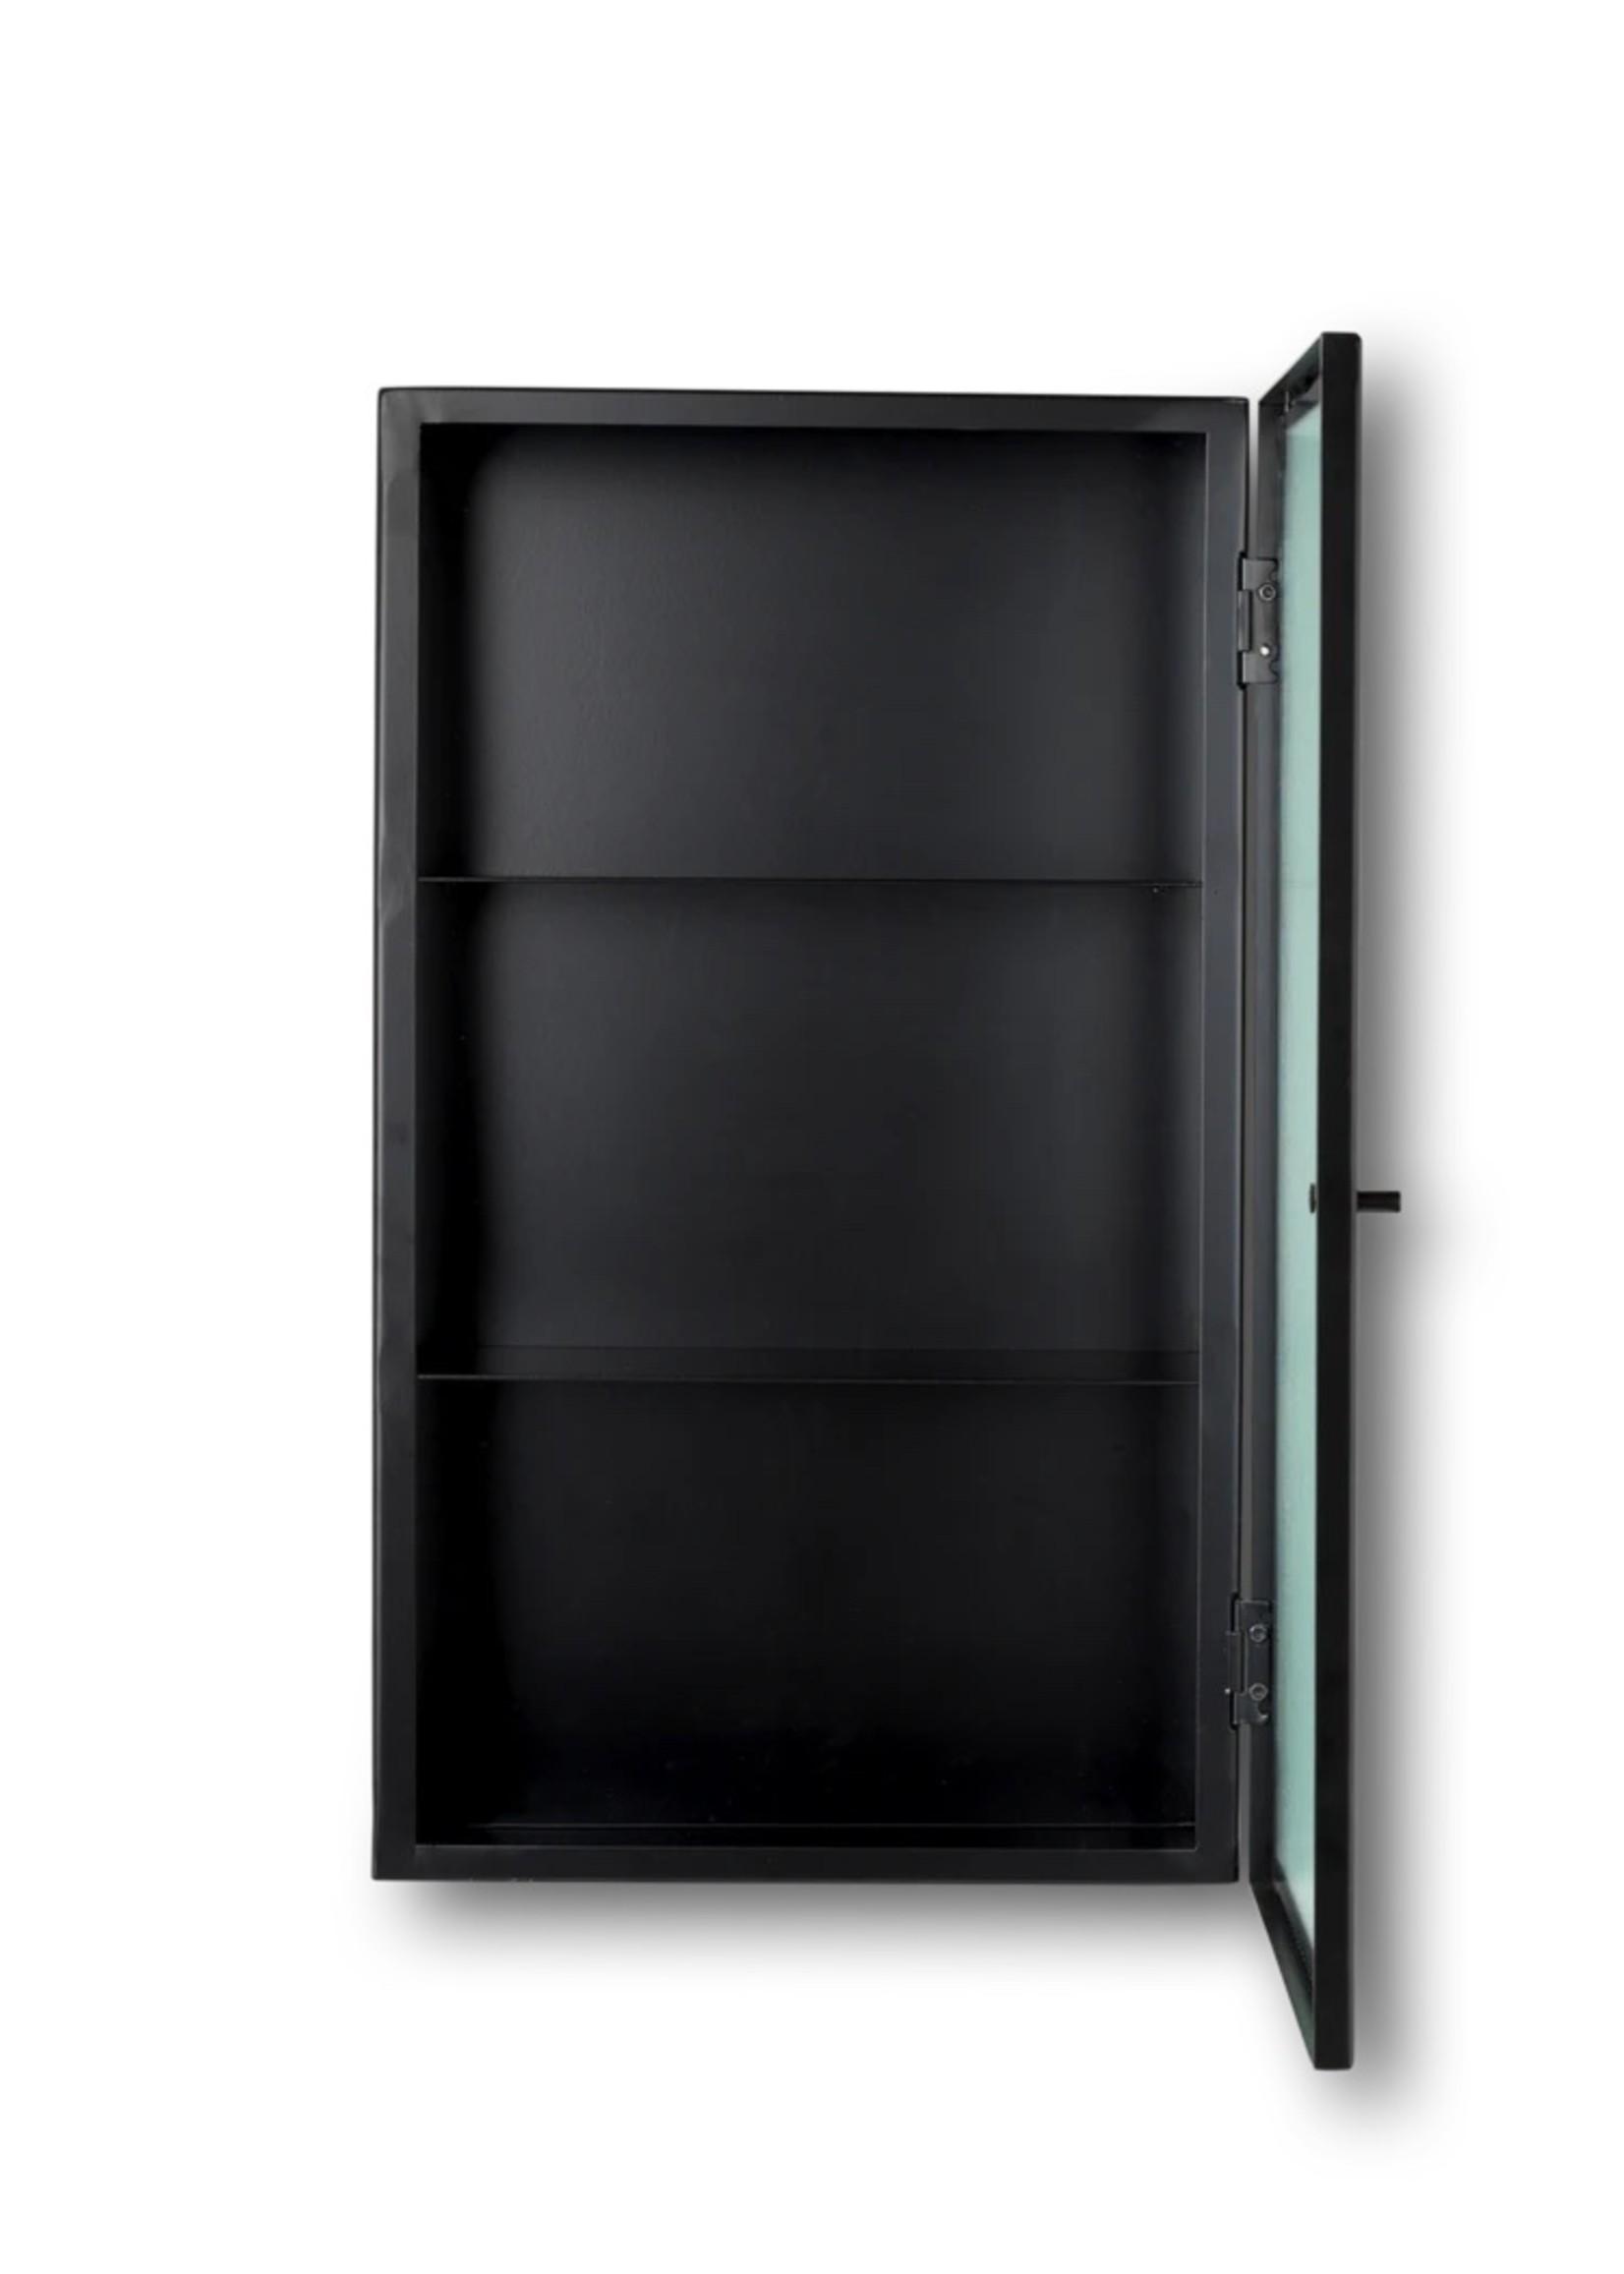 ferm LIVING ferm LIVING Haze Wall Cabinet - Reeded Glass